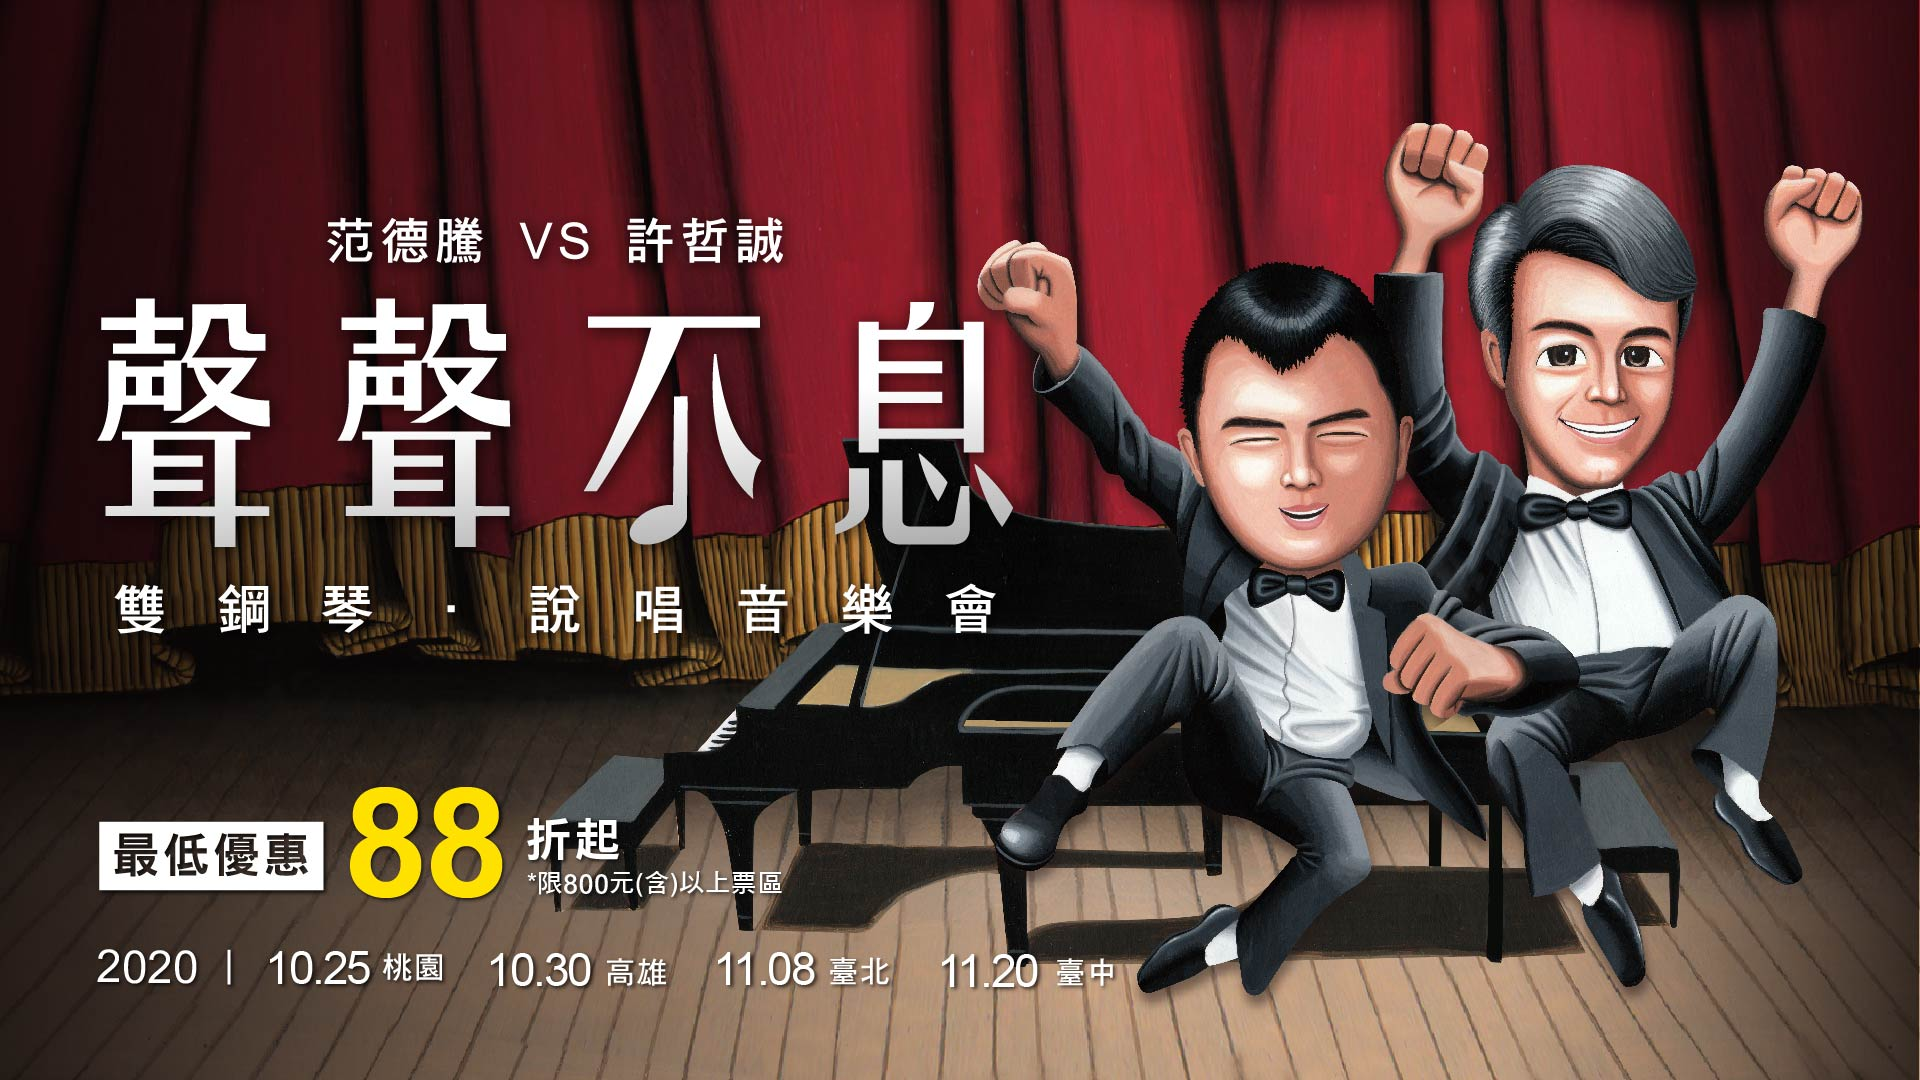 聲聲不息-范德騰 vs 許哲誠 雙鋼琴.說唱音樂會